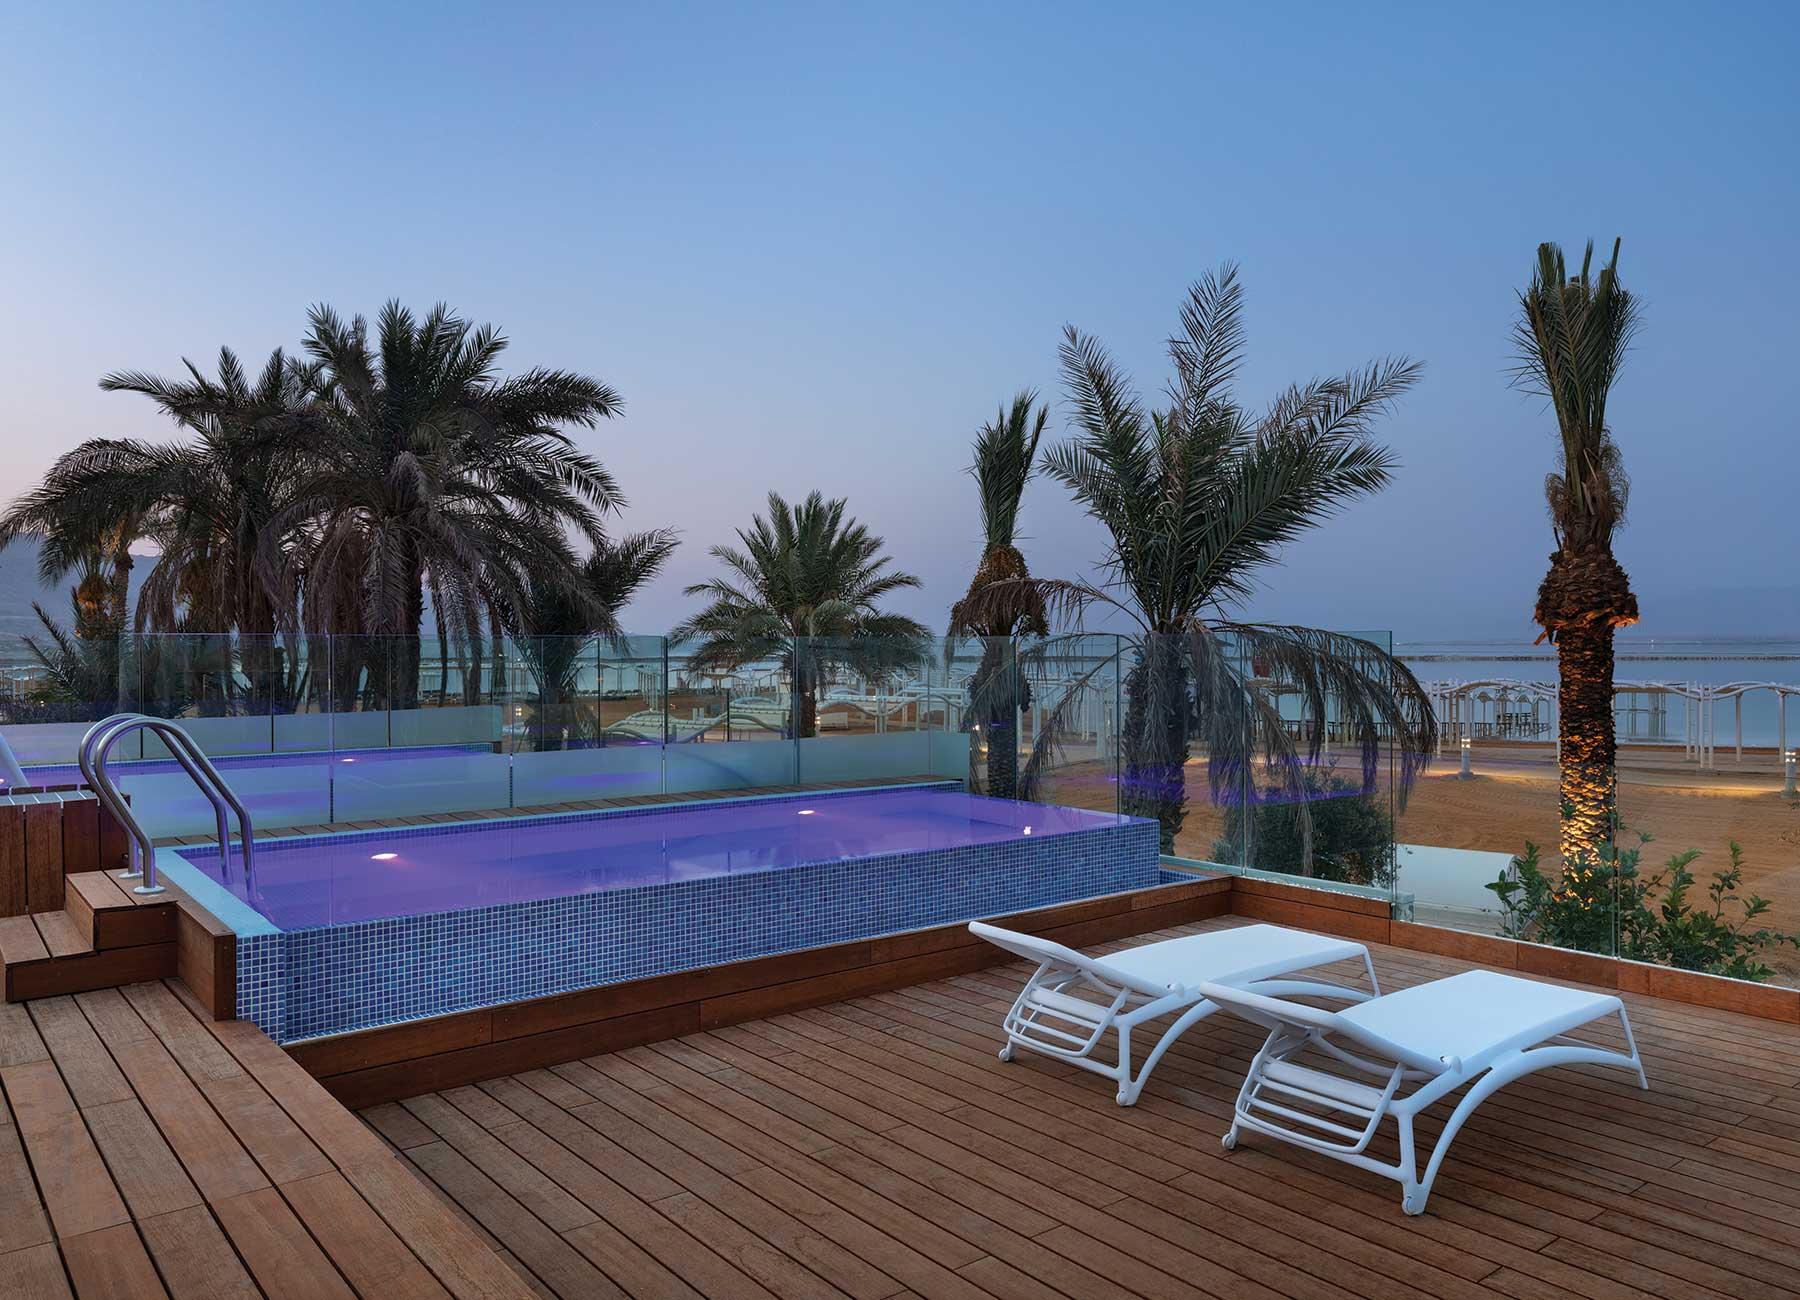 חדר עם בריכה ונוף לים במלון מילוס ים המלח